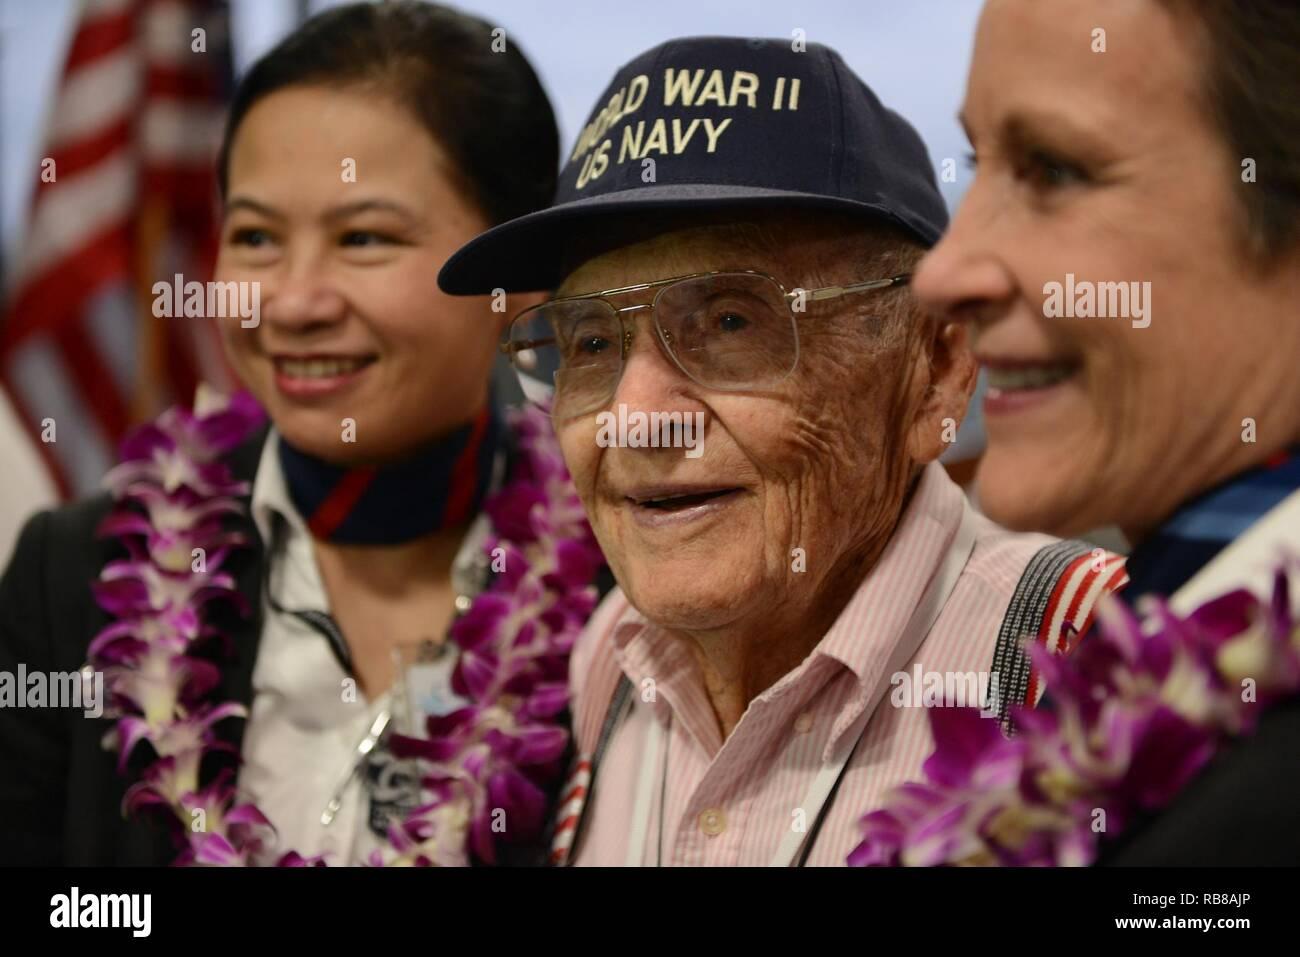 former navy petty officer 2nd class burke waldron a world war ii